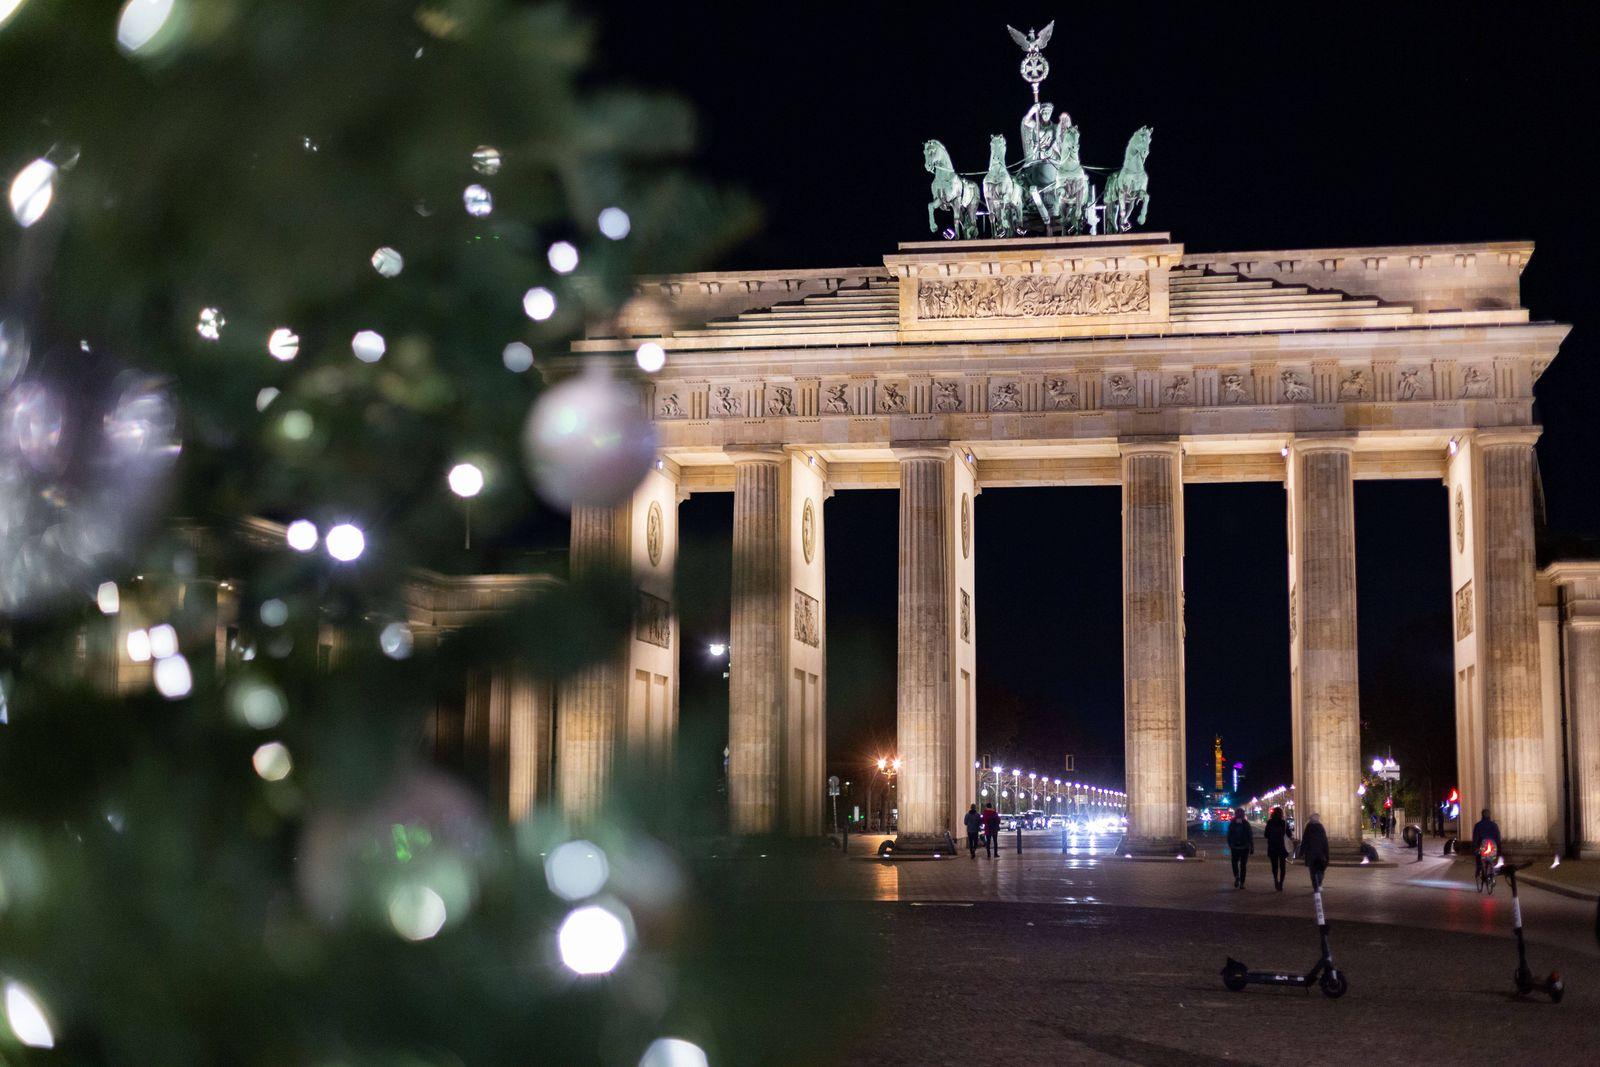 Weihnachtsbaum vor dem Brandenburger Tor, Zum 1. Advent wurde der Weihnachtsbaum vor dem Brandenburger Tor angeschaltet